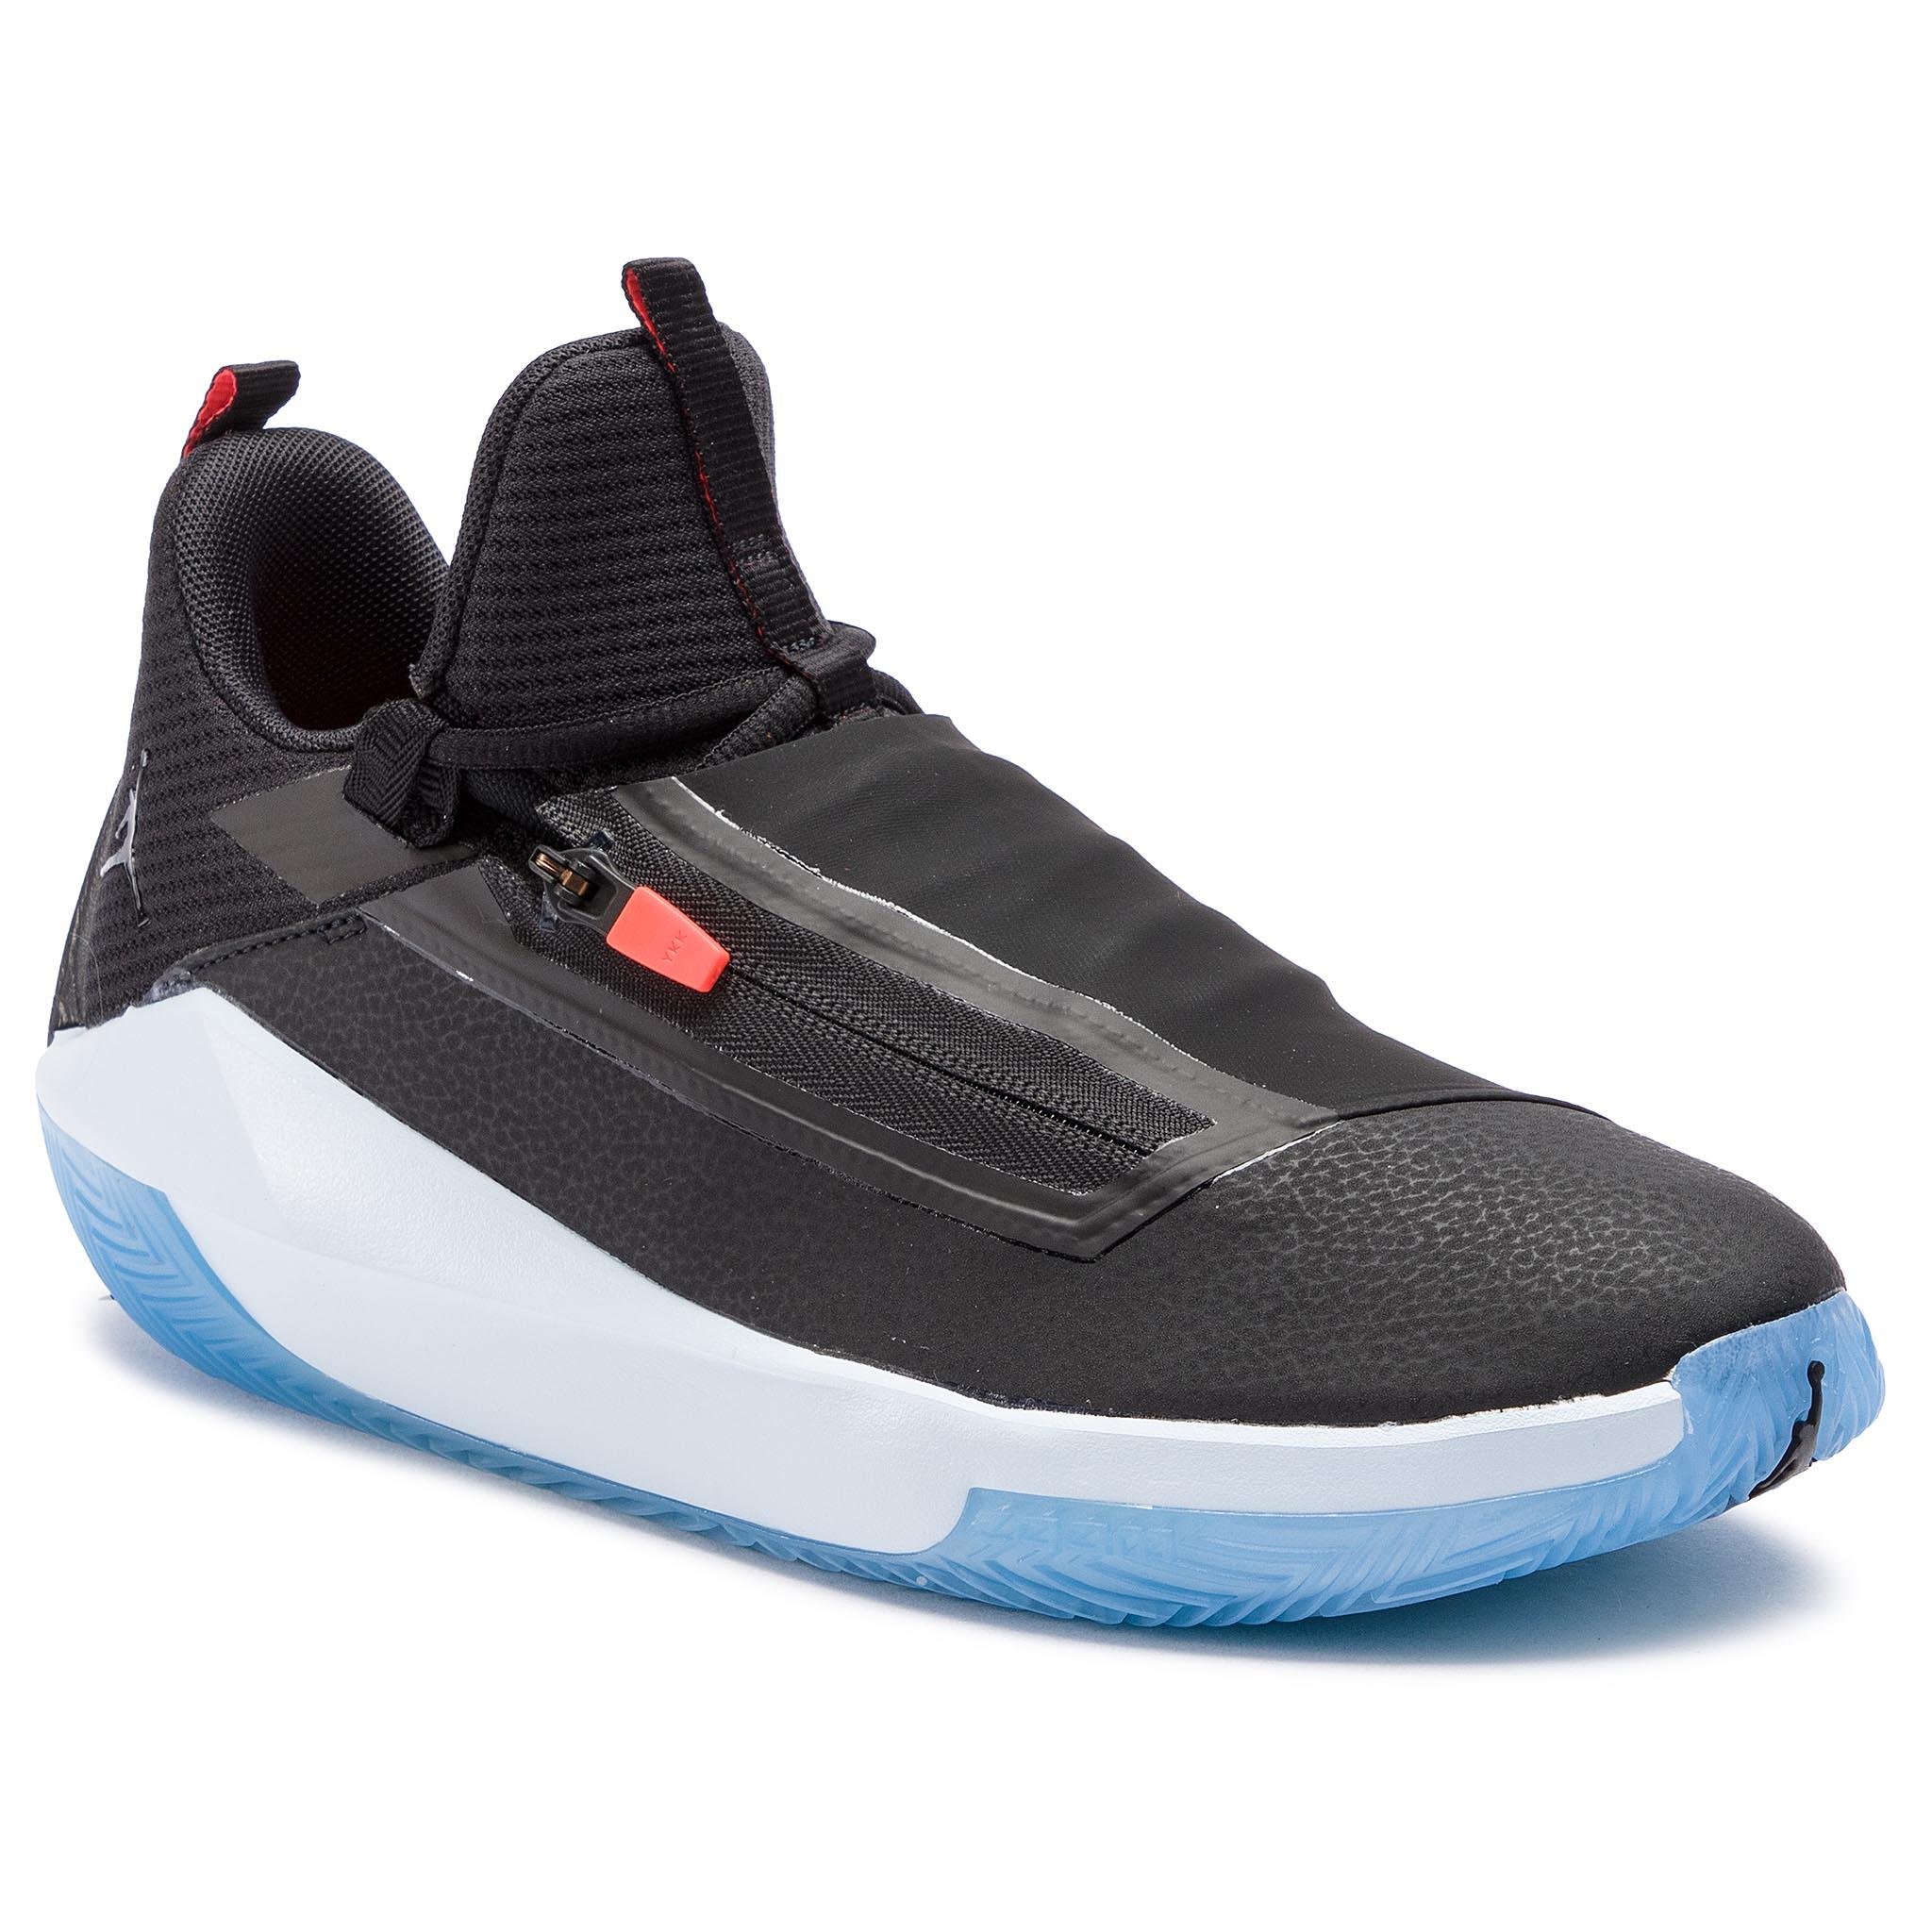 9b498117d88ec3 Shoes NIKE - Jordan Jumpman Hustle AQ0397 601 Gym Red Gym Red Black ...